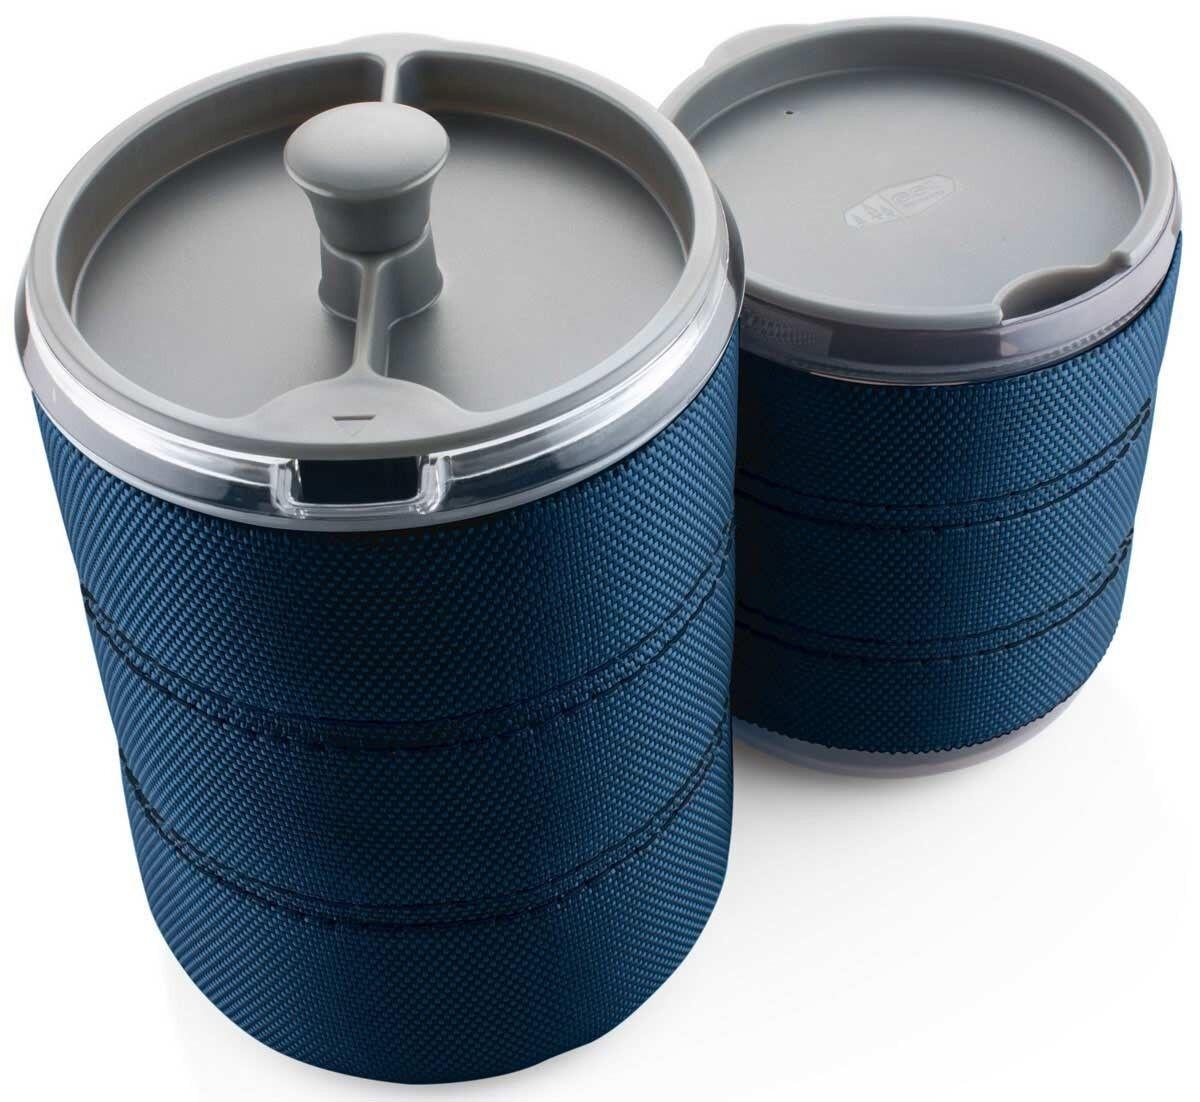 GSI Personal Javapress 30 fl oz Coffee Maker with Insulated Insulated Insulated Mug Included 4d1553